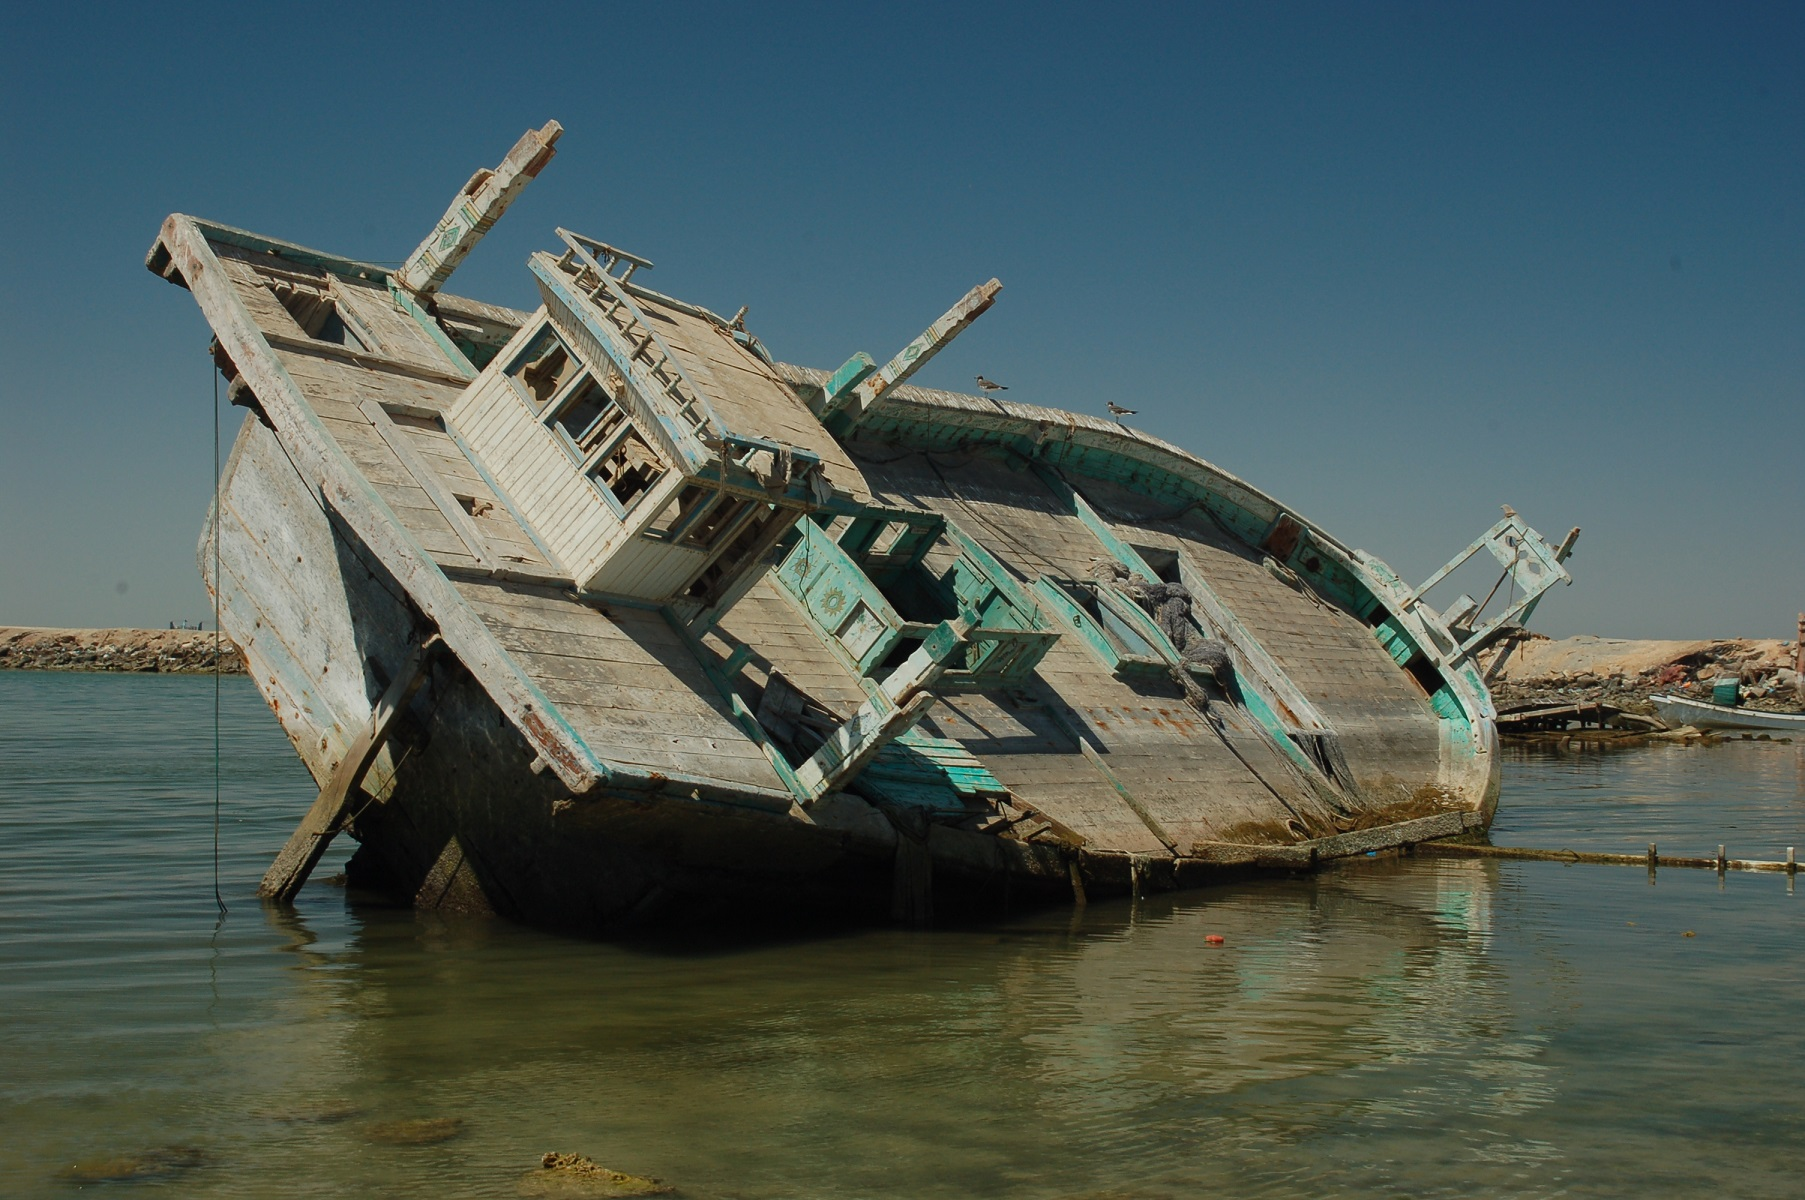 Oman - Im Hafen liegen die ausgedienten Fischerboote. Da man hier das ganze Jahr nicht heizen muss ist ihr Holz wertlos.